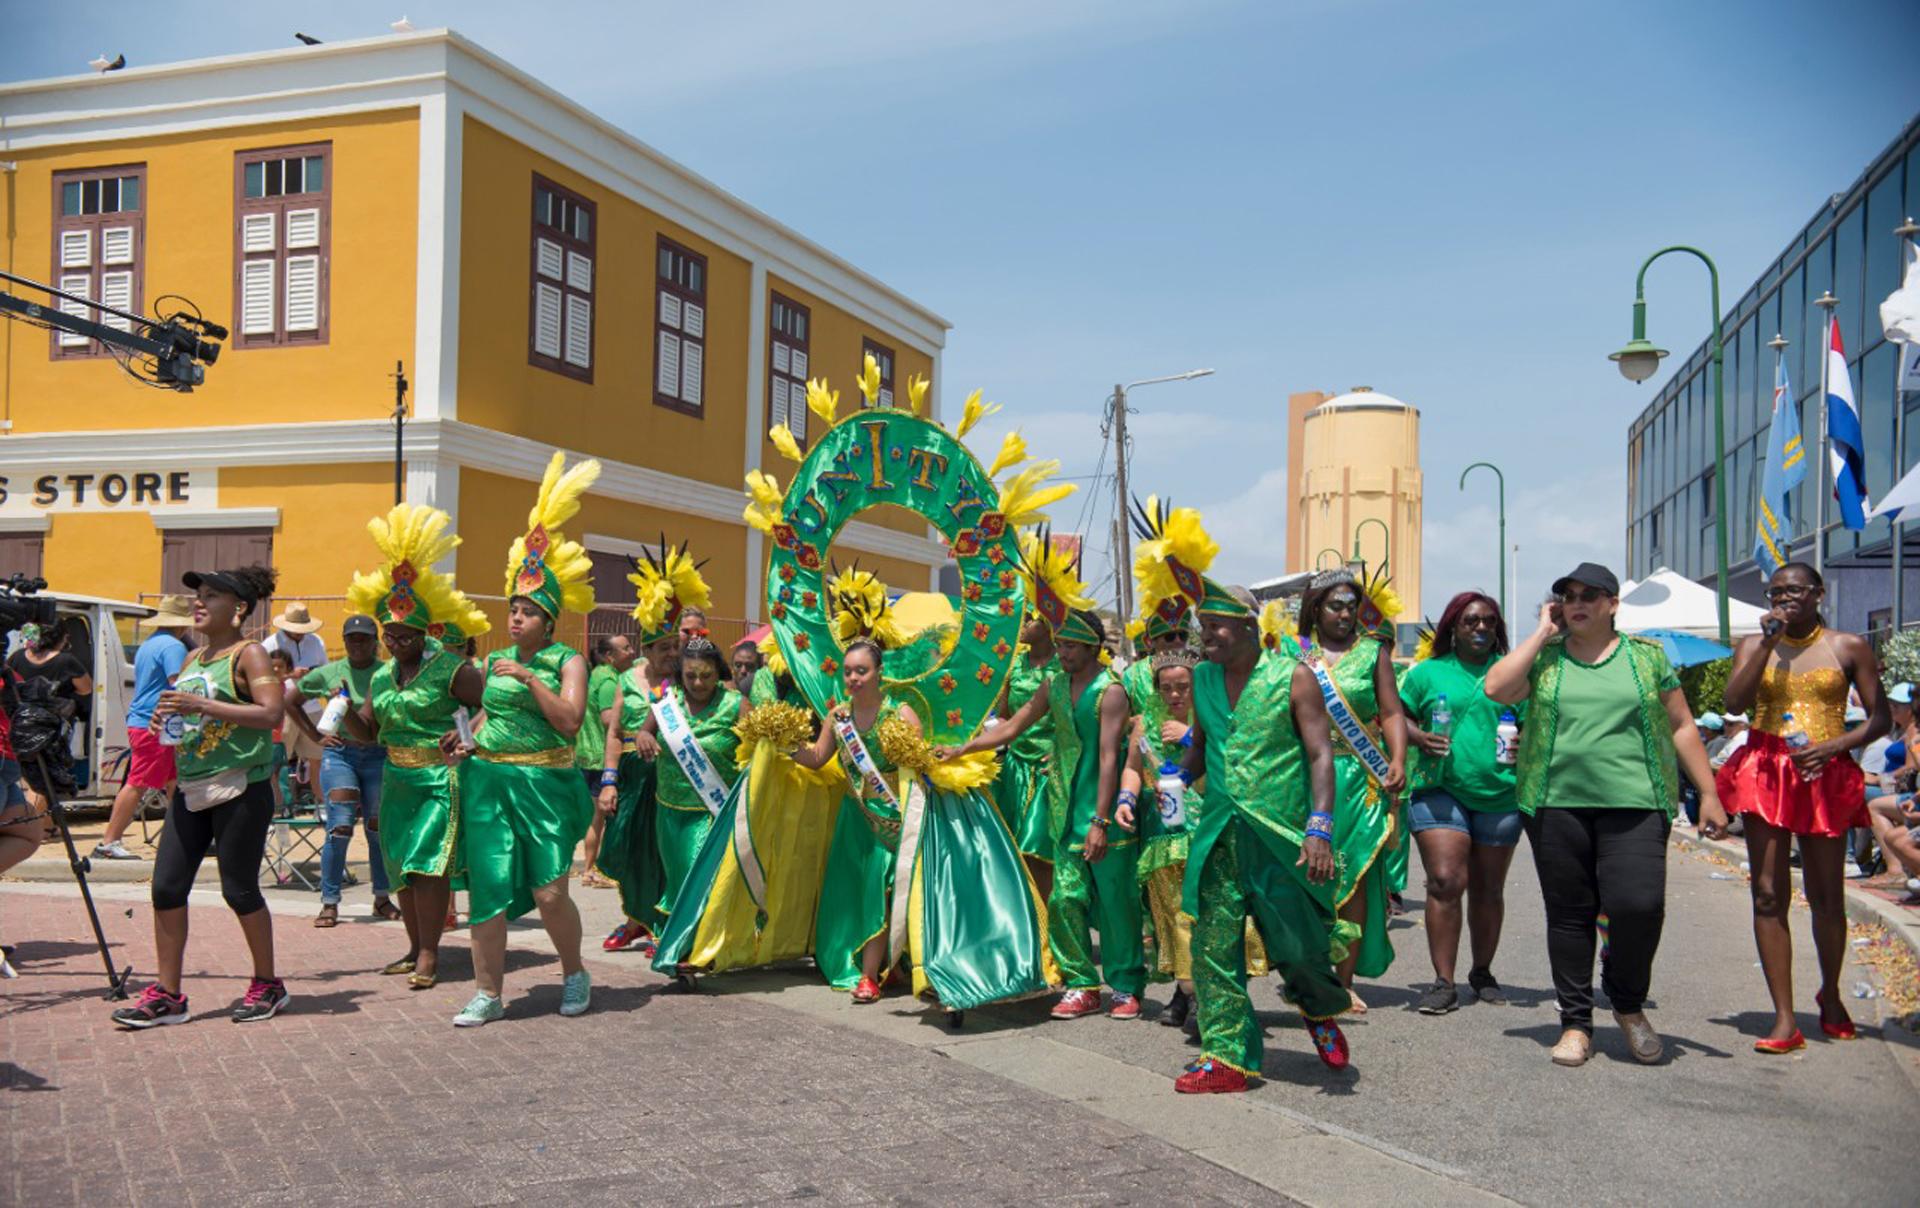 Participacion di ARUBA DOET y Unity Carnival Group den Carnaval 65 un exito rotundo!